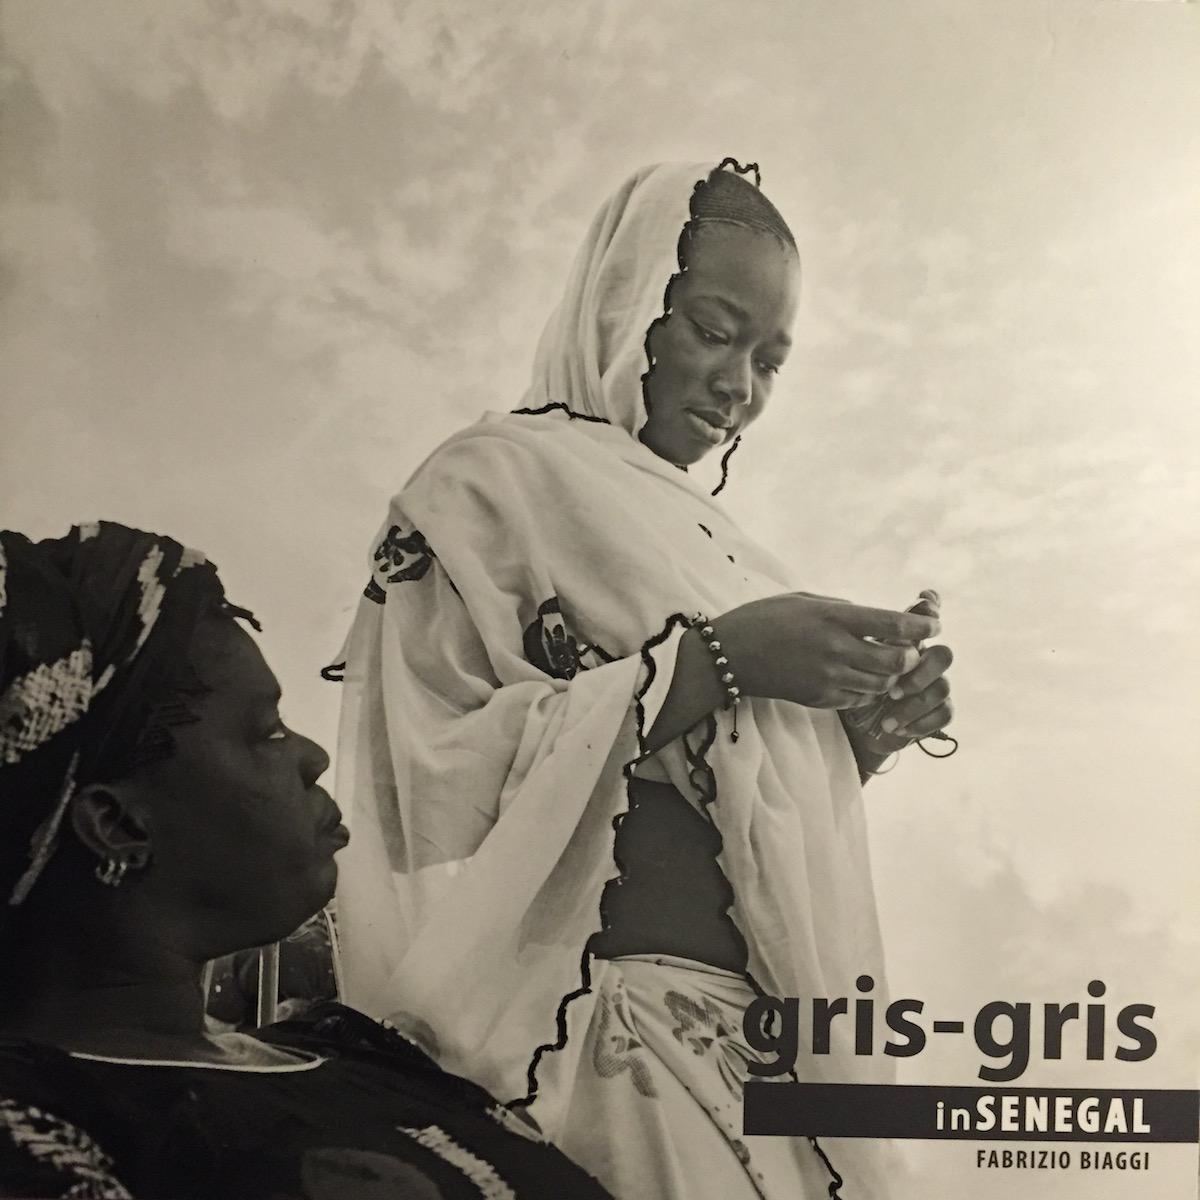 Gris-gris senegalesi, tra Islam e magia